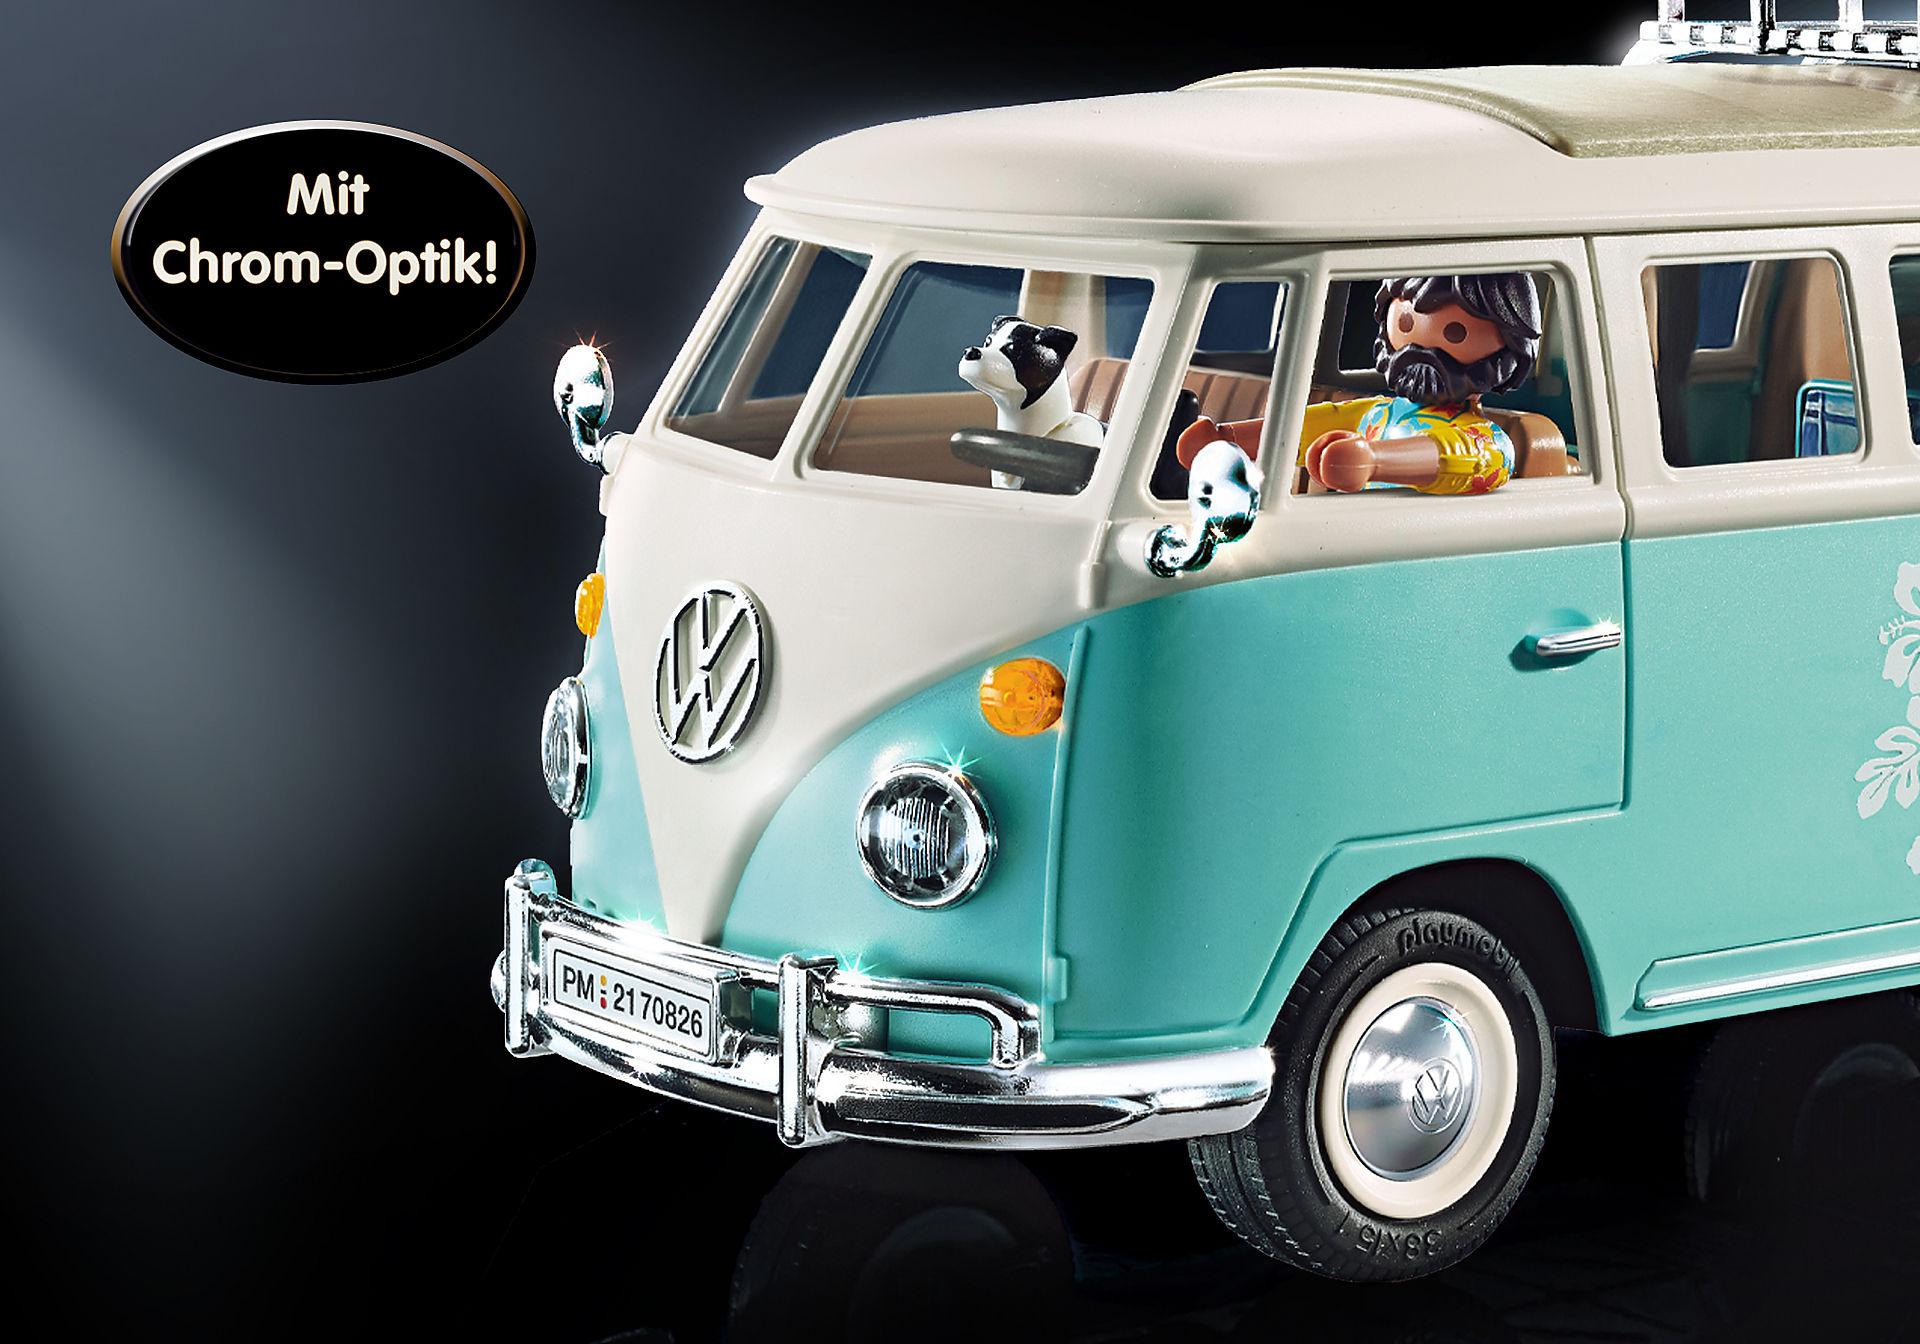 70826 Volkswagen T1 Camping Bus - Edición especial zoom image4